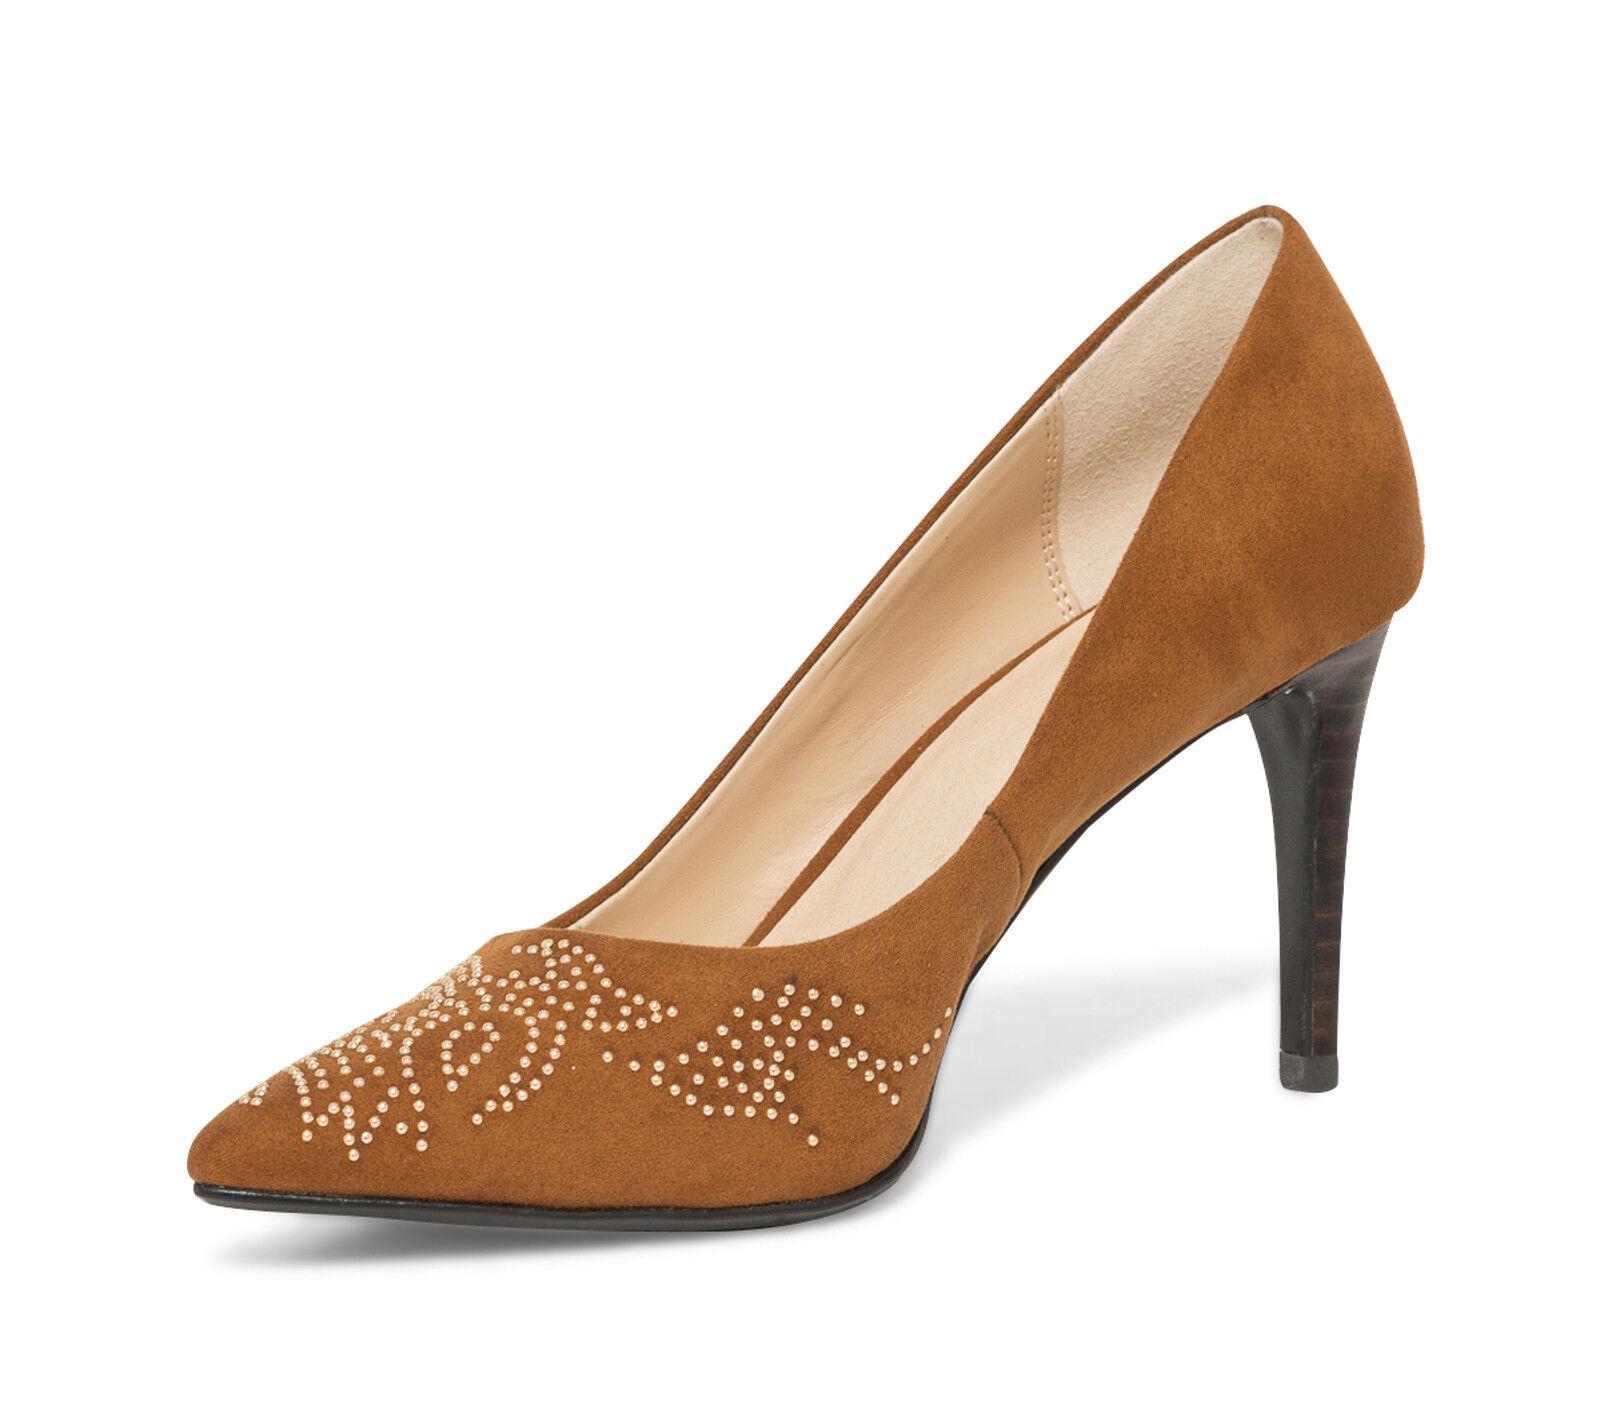 Señoras eran Tribunal Zapatos Zapatos Zapatos UK 6 EU 39 Nuevo Bronceado Stud Diseño  entrega gratis